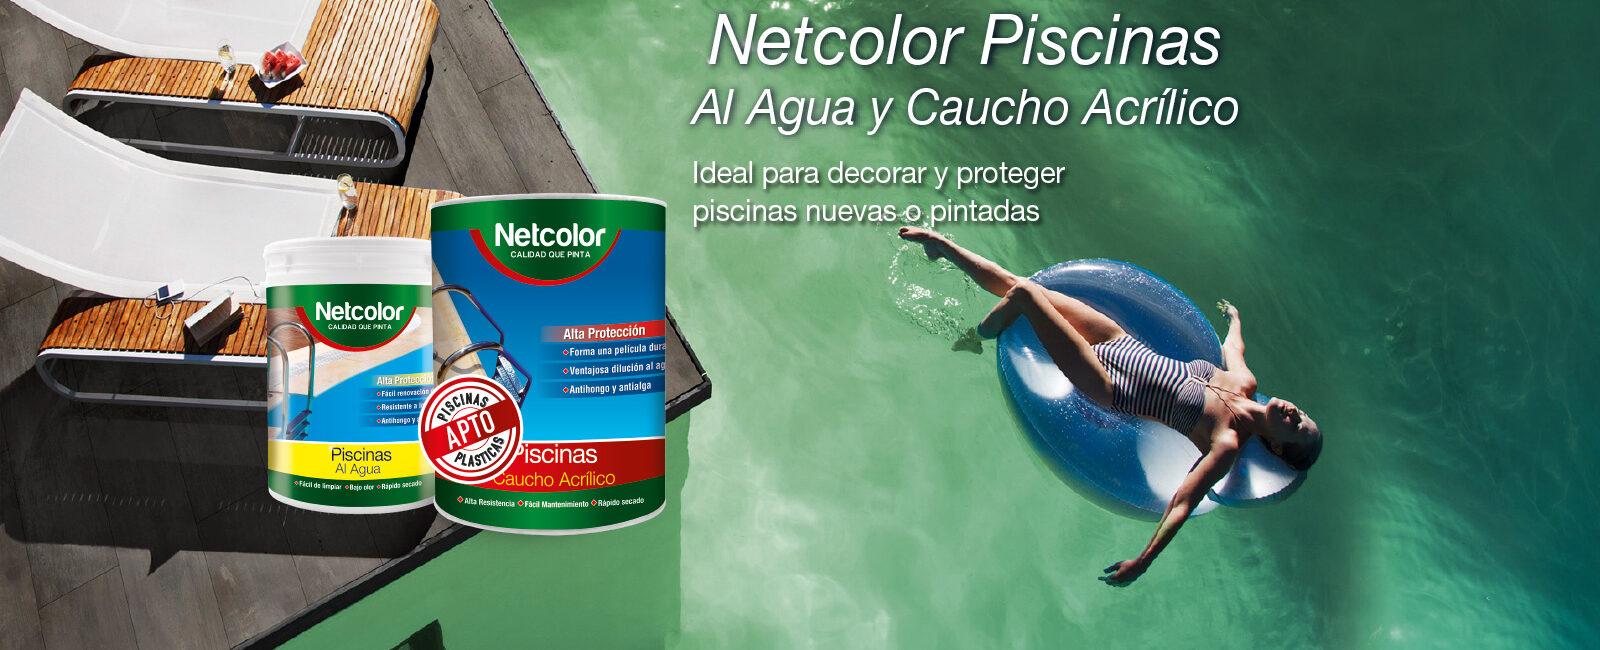 Netcolor Piscinas.